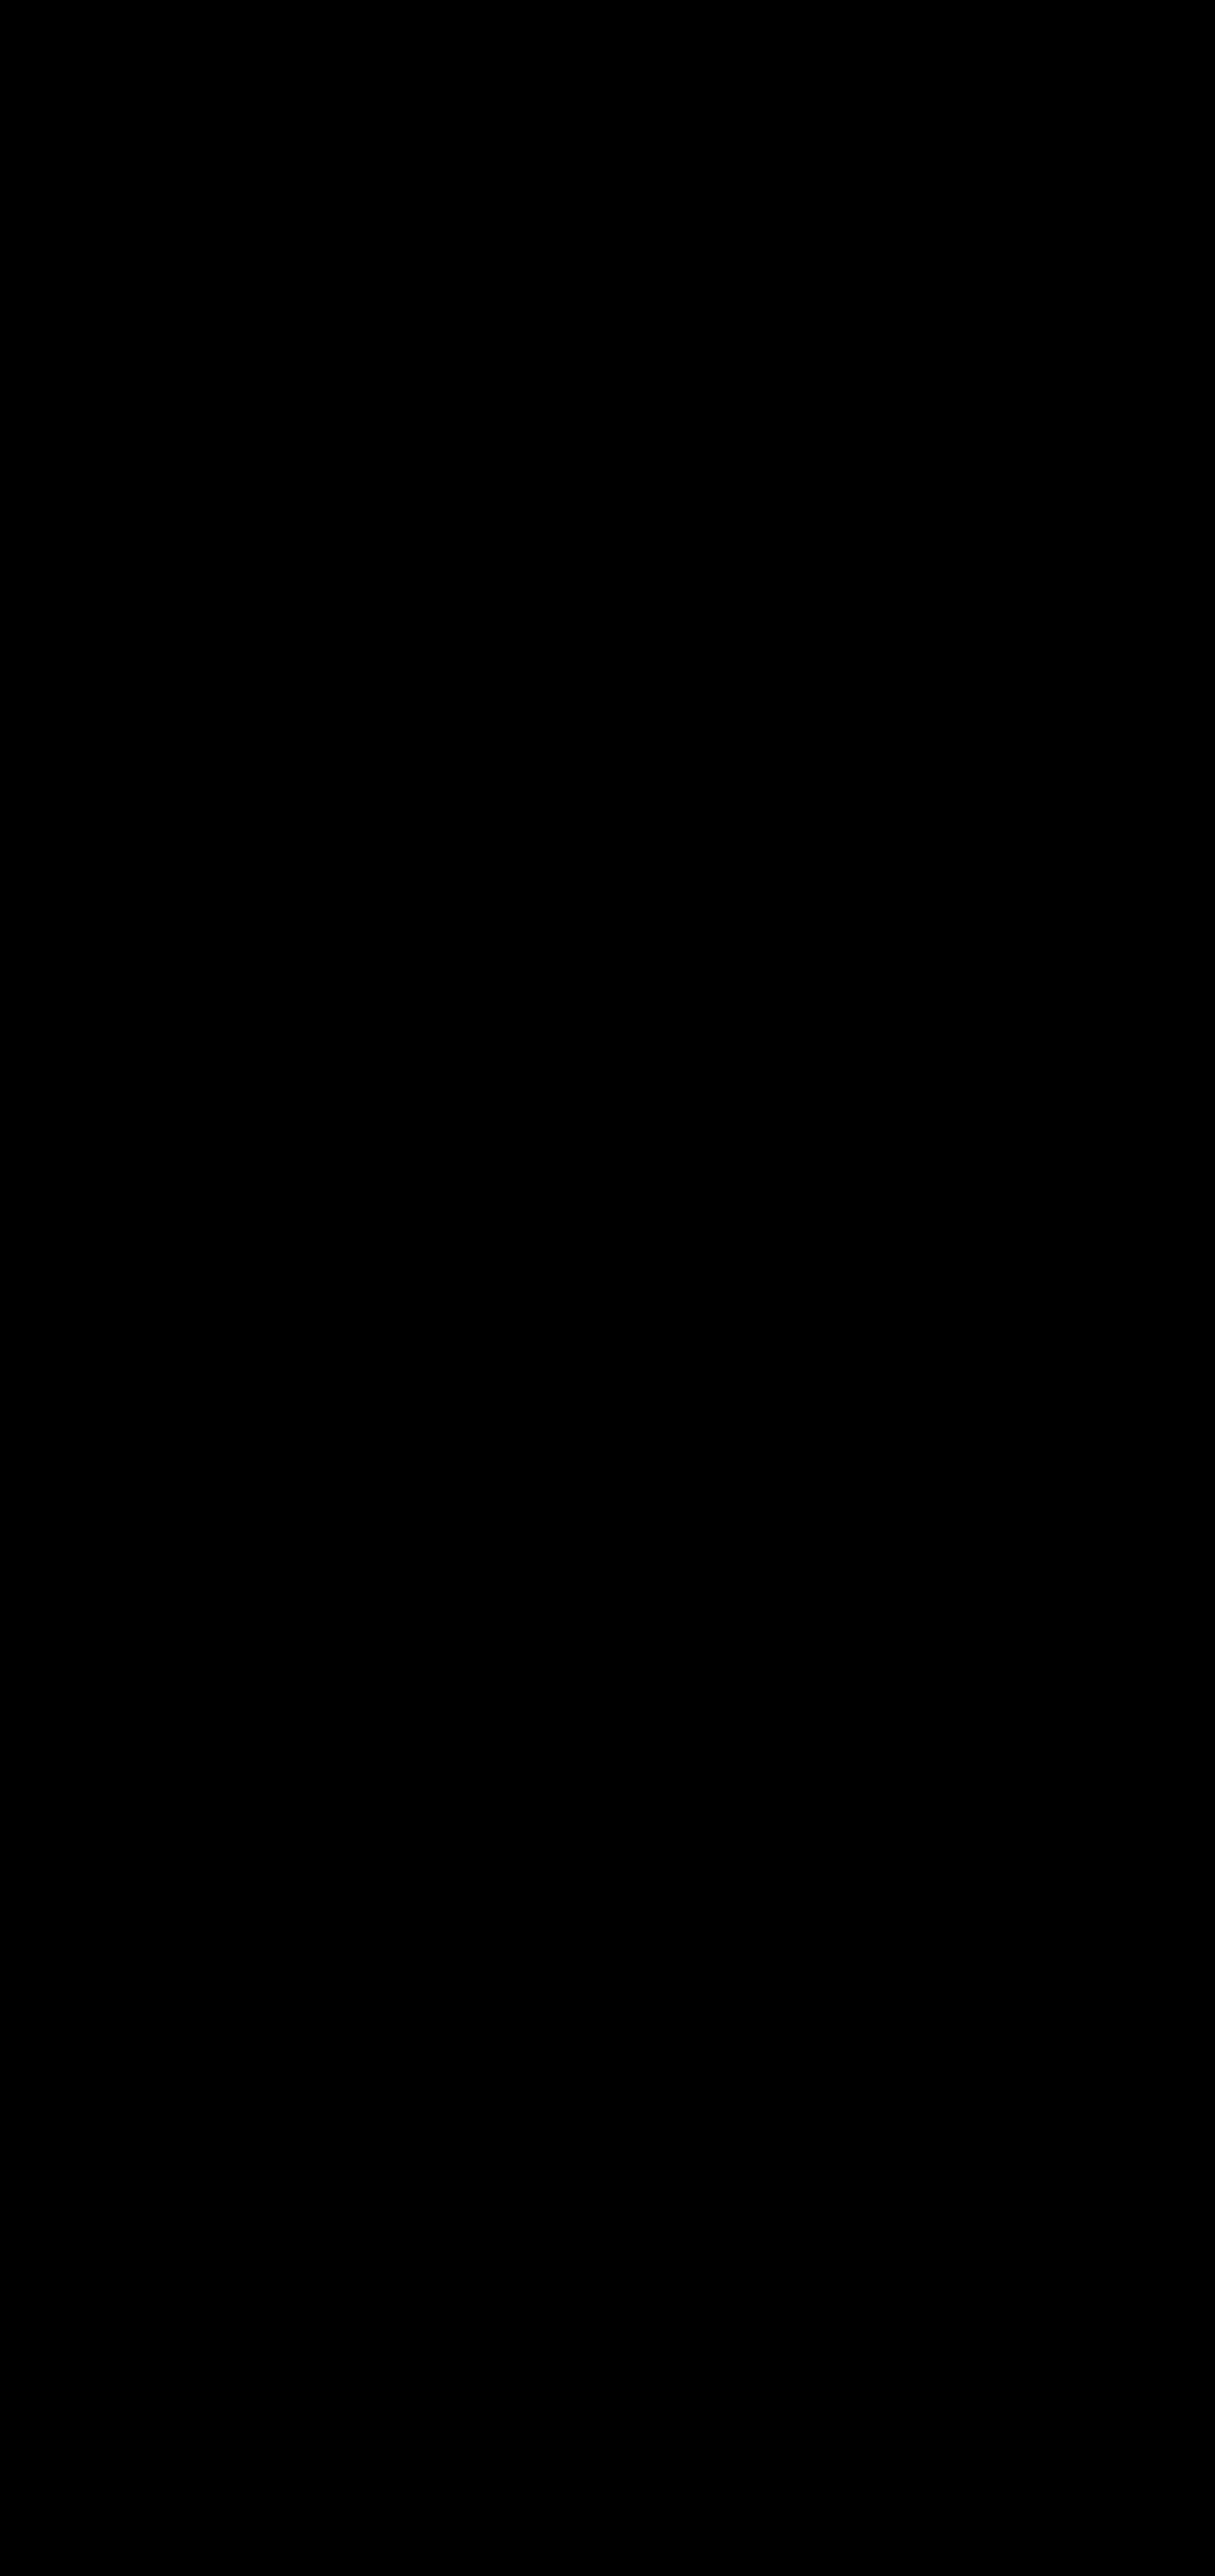 Orangen Shortbread Cookies / Plätzchen - Buttrig und Knusprig #nutellakekse